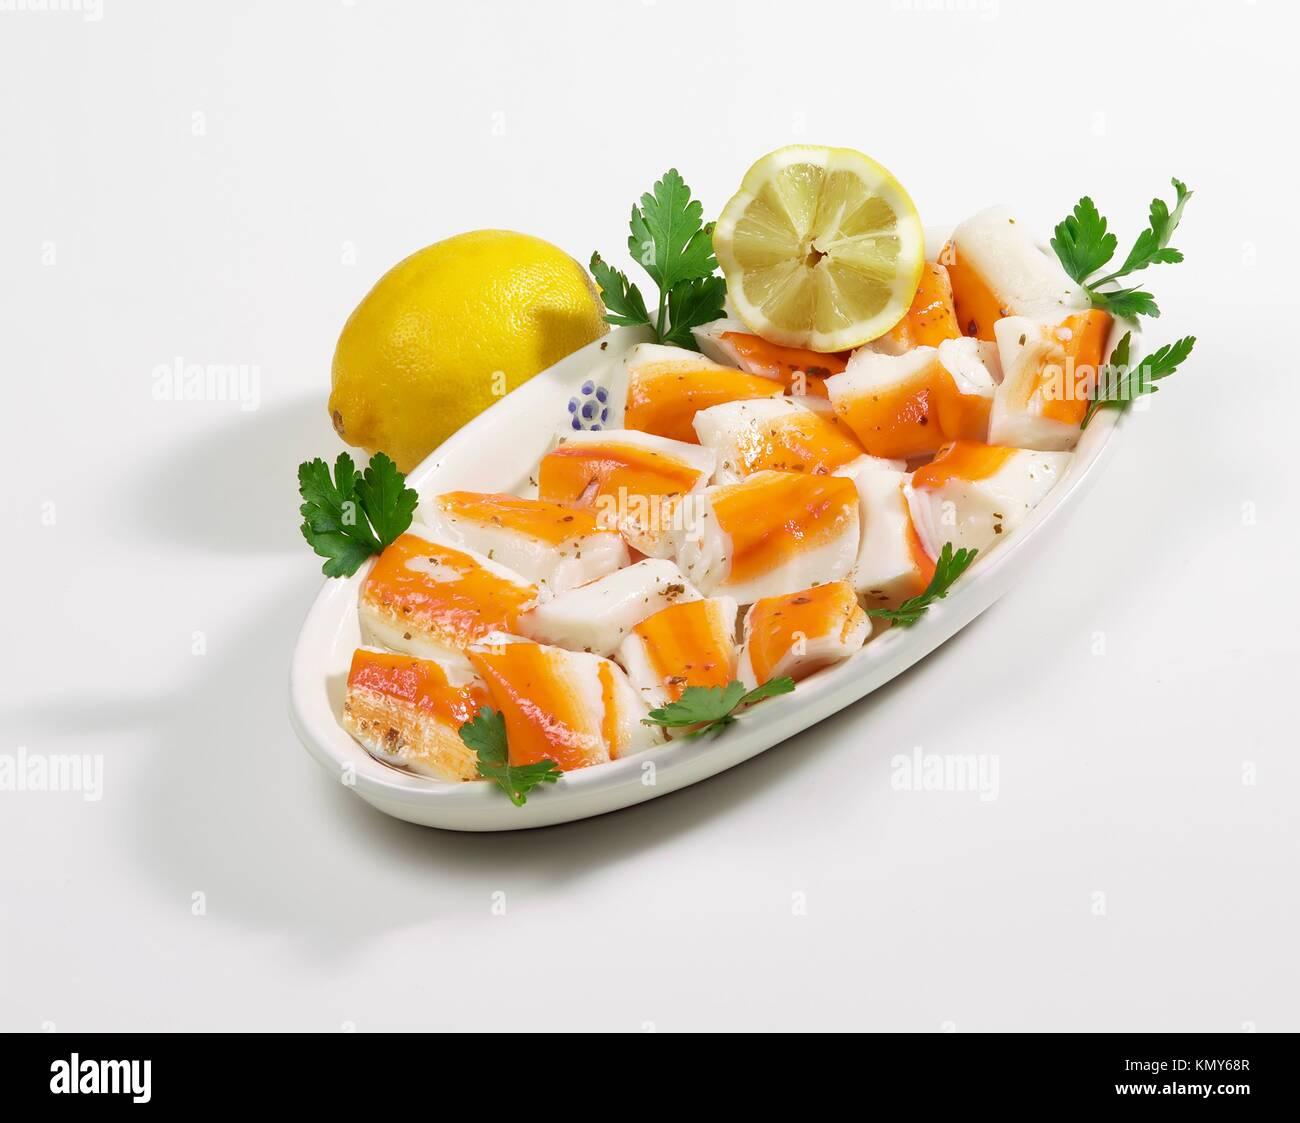 Orto4 crabe surimi 010lave Photo Stock